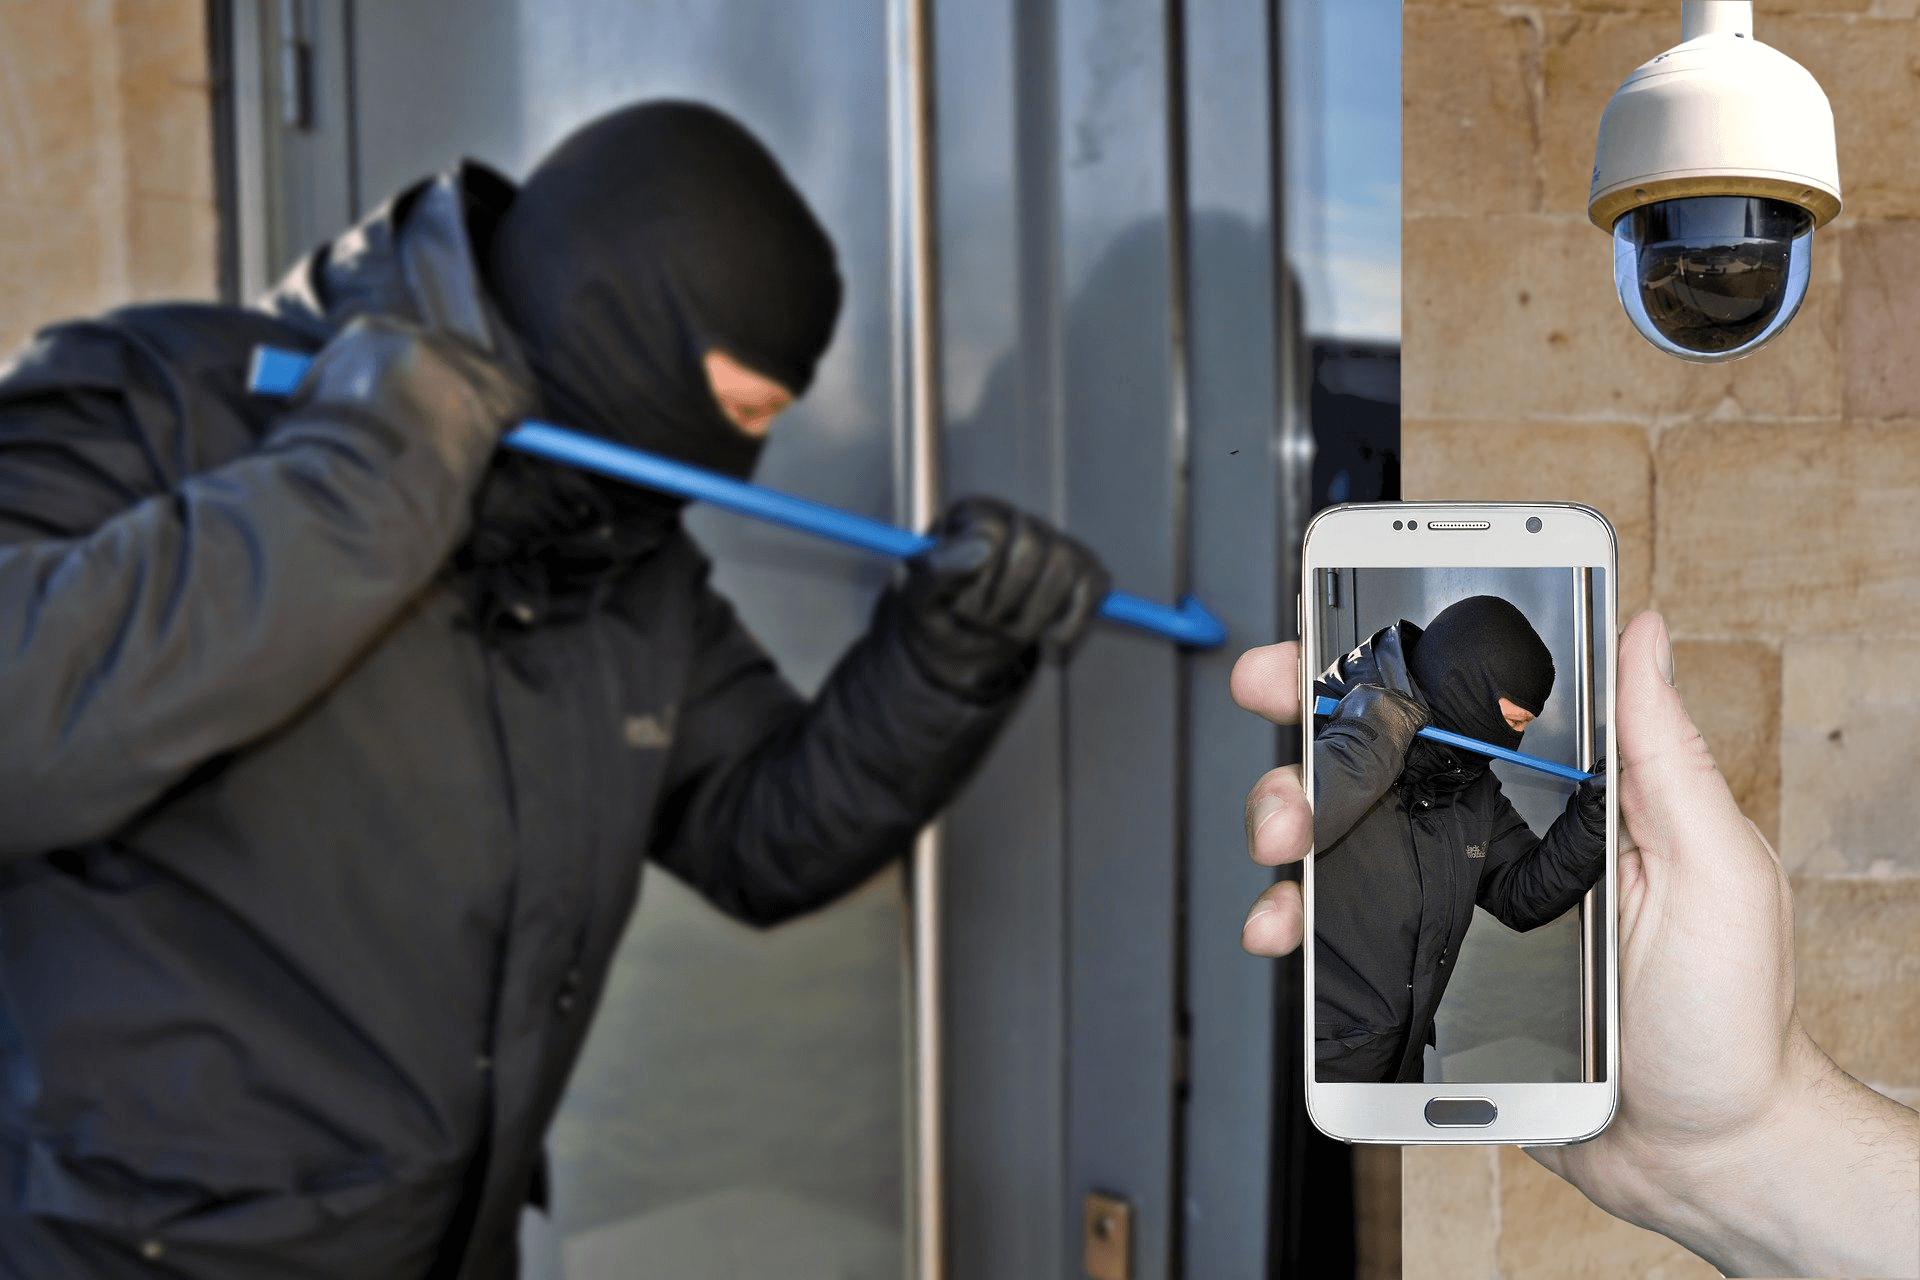 Einbrecher neben Alarmanlage und Smartphone